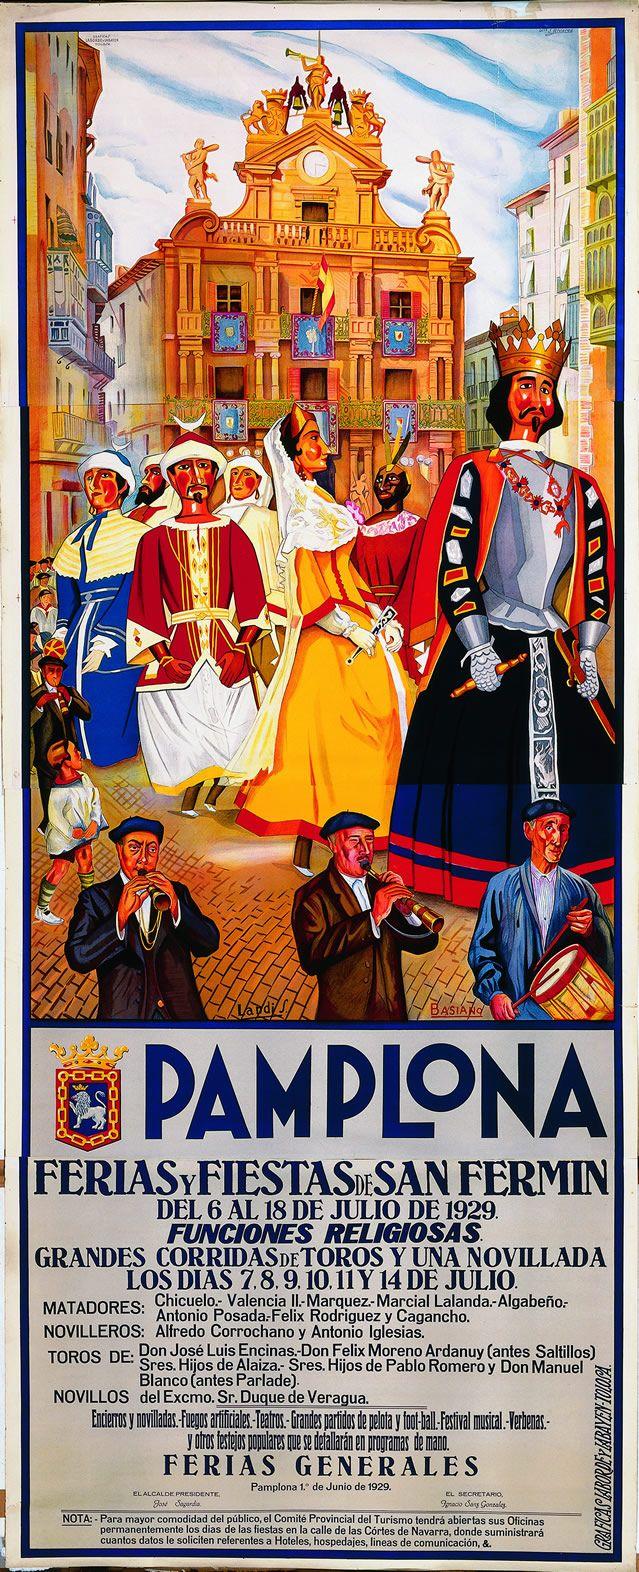 Cartel de los Sanfermines de 1929 - Fiestas y ferias de San Fermín, Pamplona…